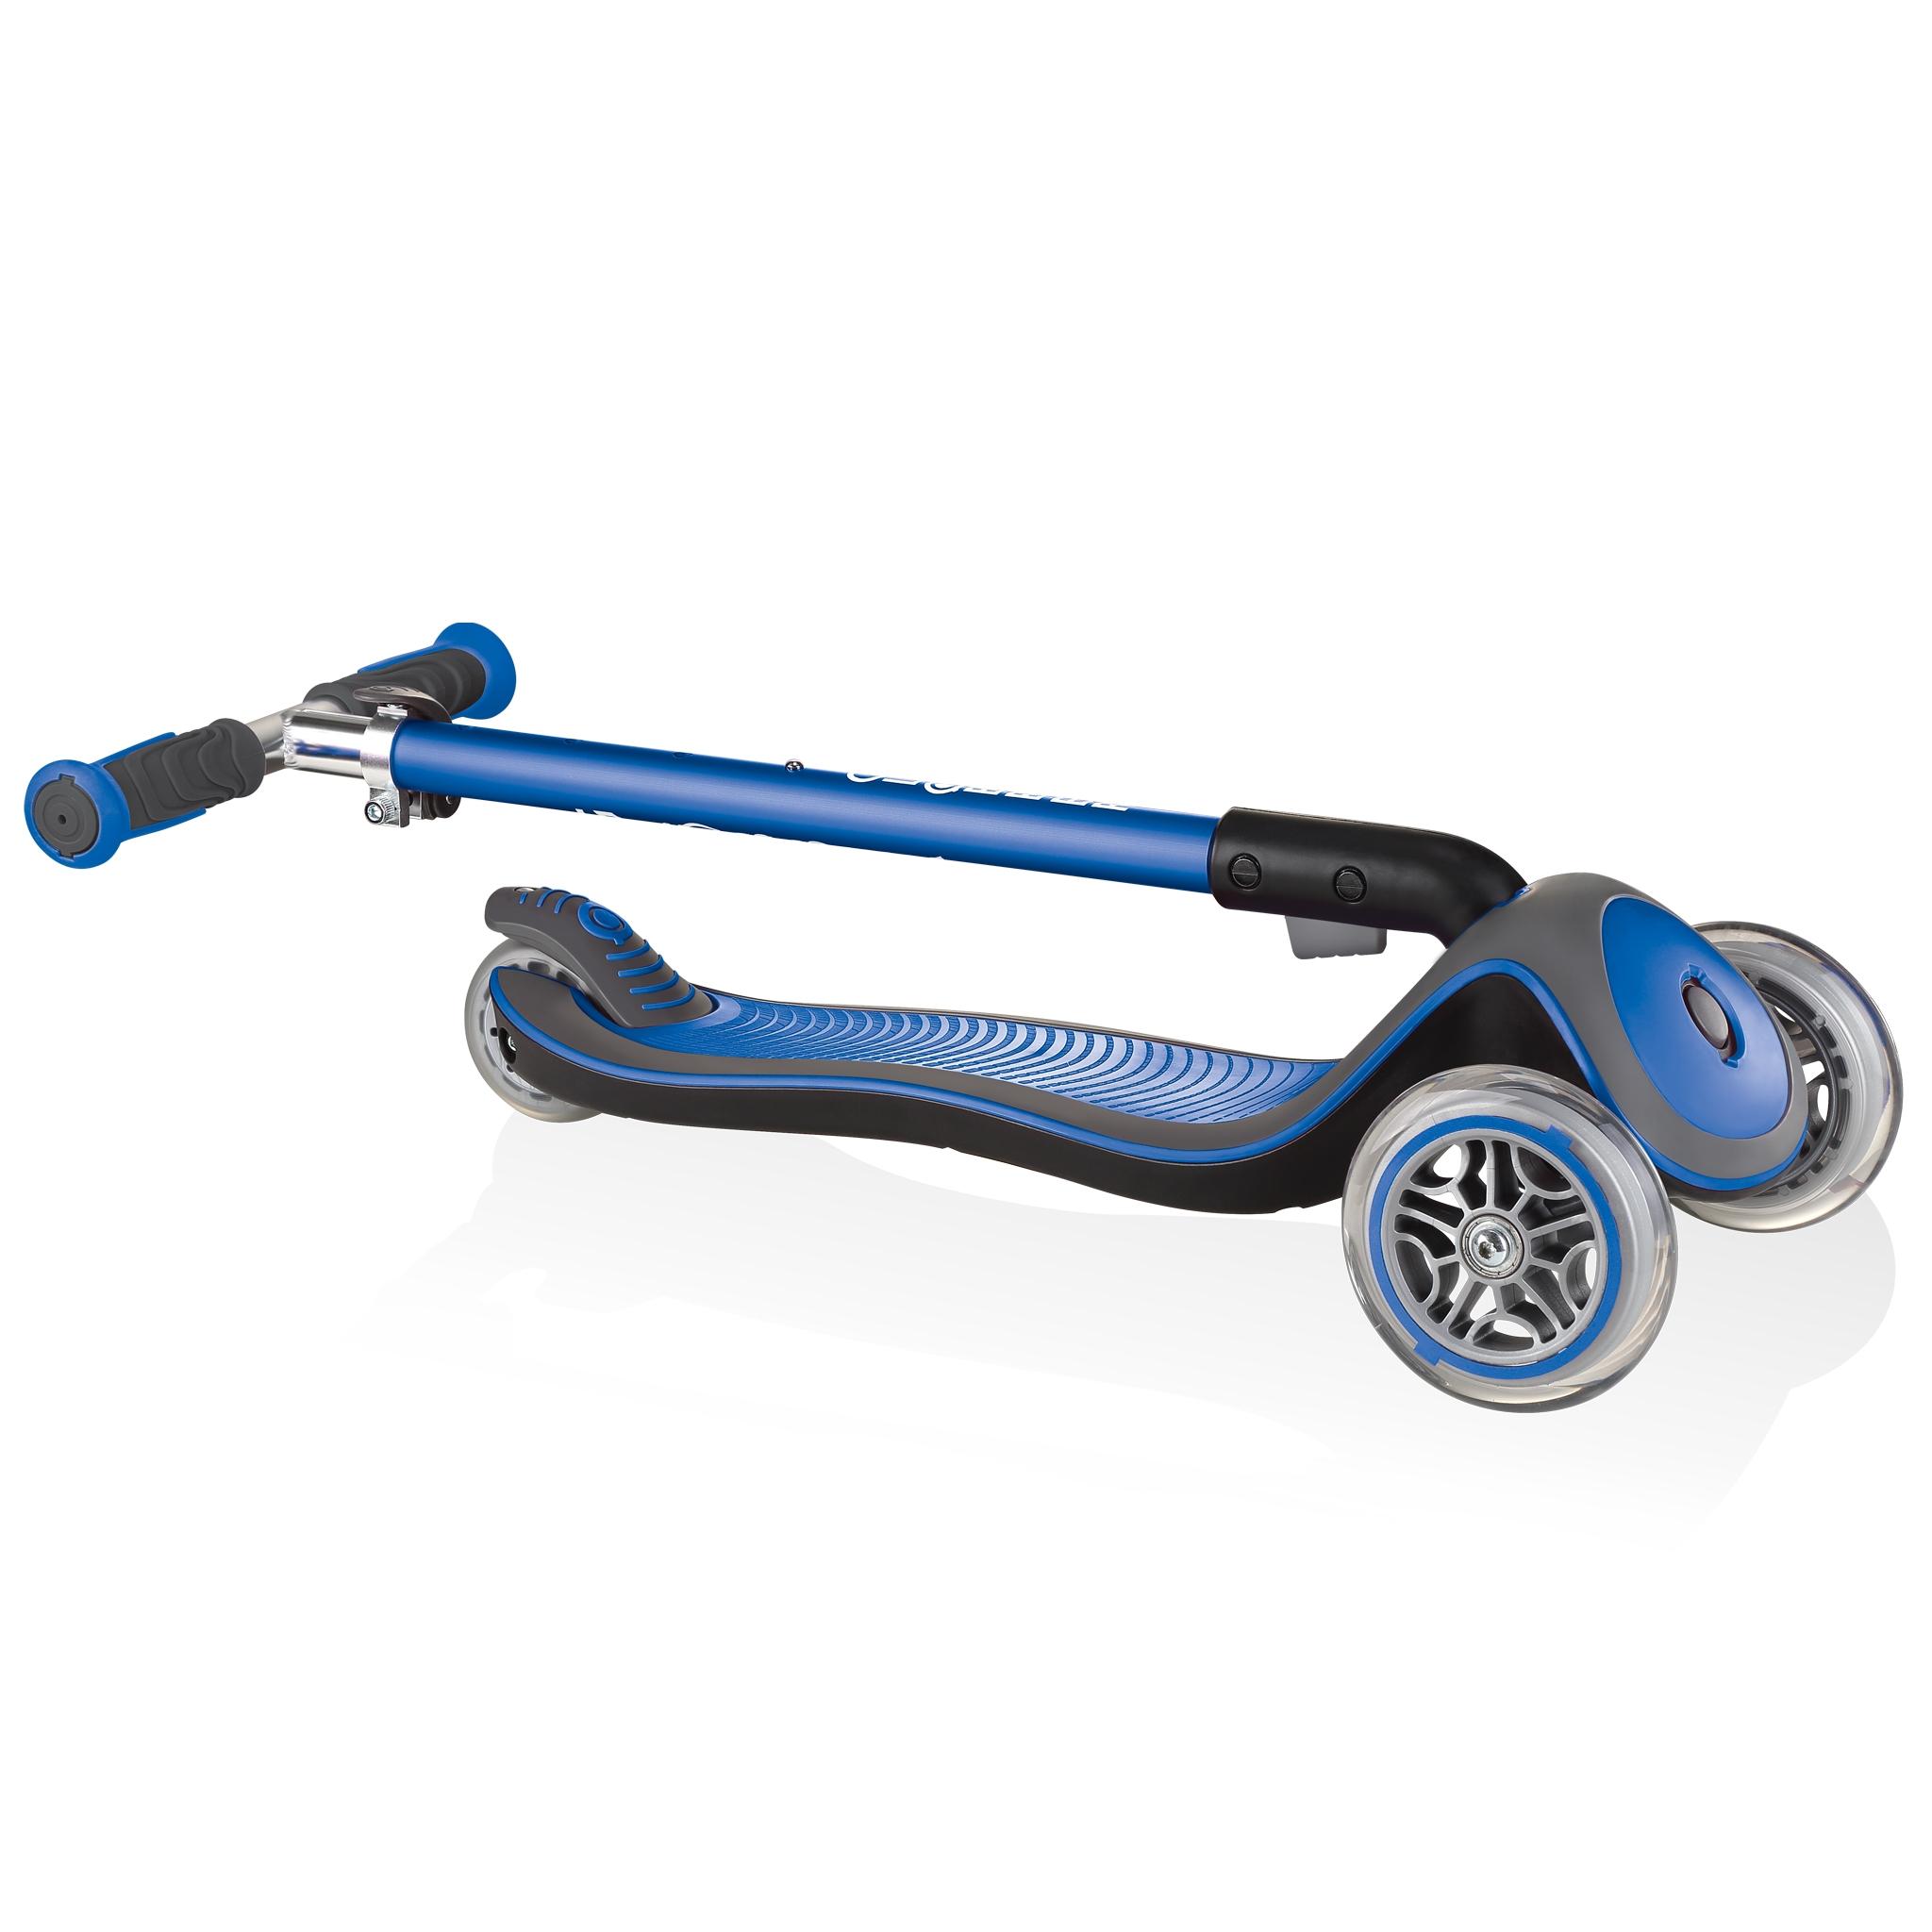 Globber-ELITE-DELUXE-Best-3-wheel-foldable-scooter-for-kids-navy-blue